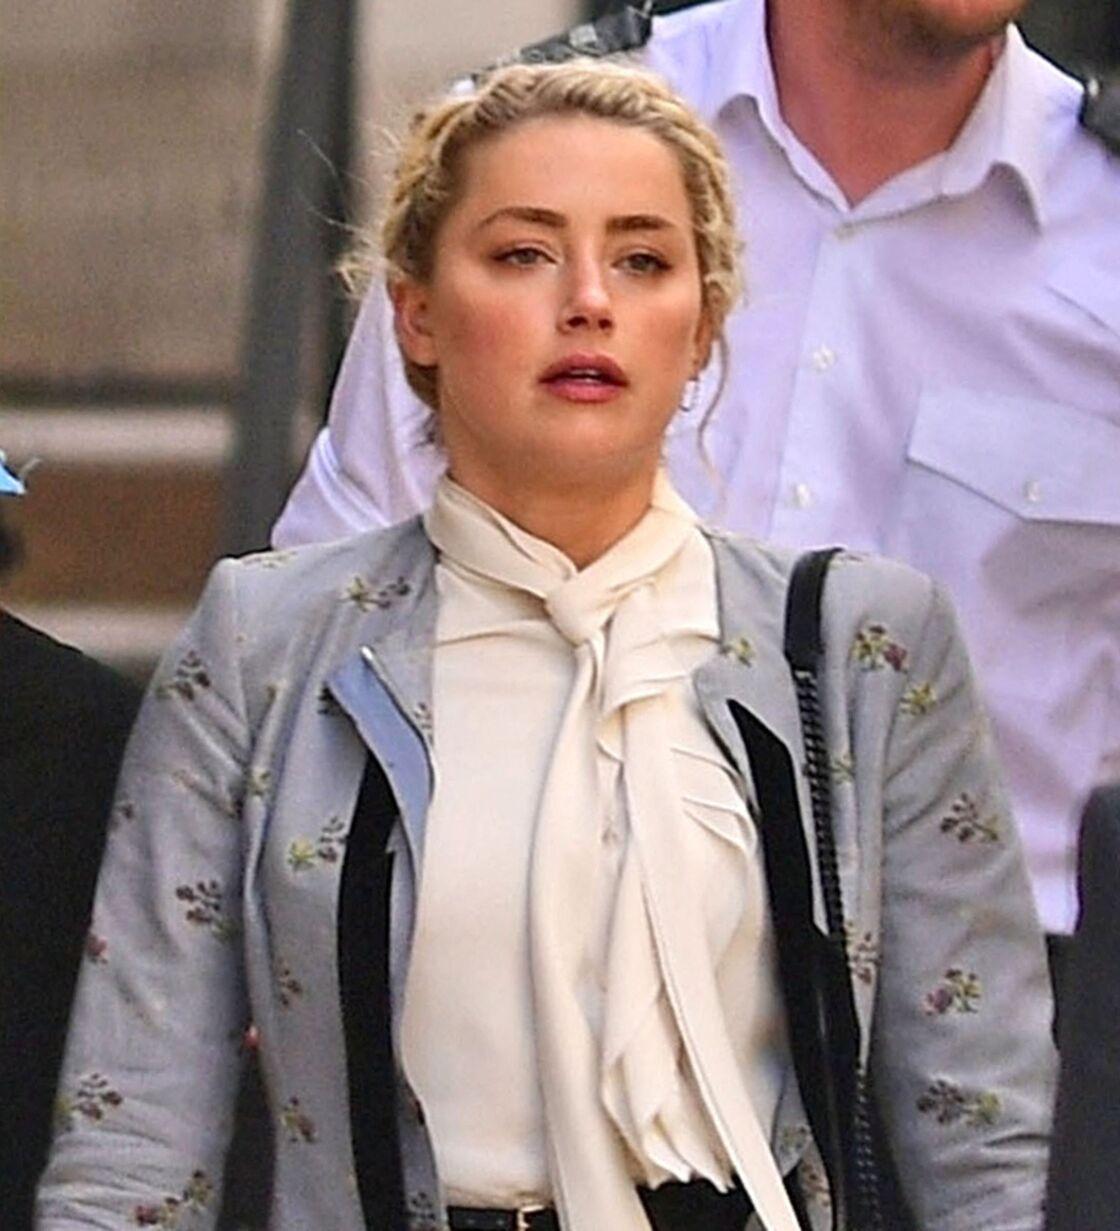 Ce mardi 21 juillet, Amber Heard semblait éprouvée après avoir témoigné à la Cour royale de justice de Londres